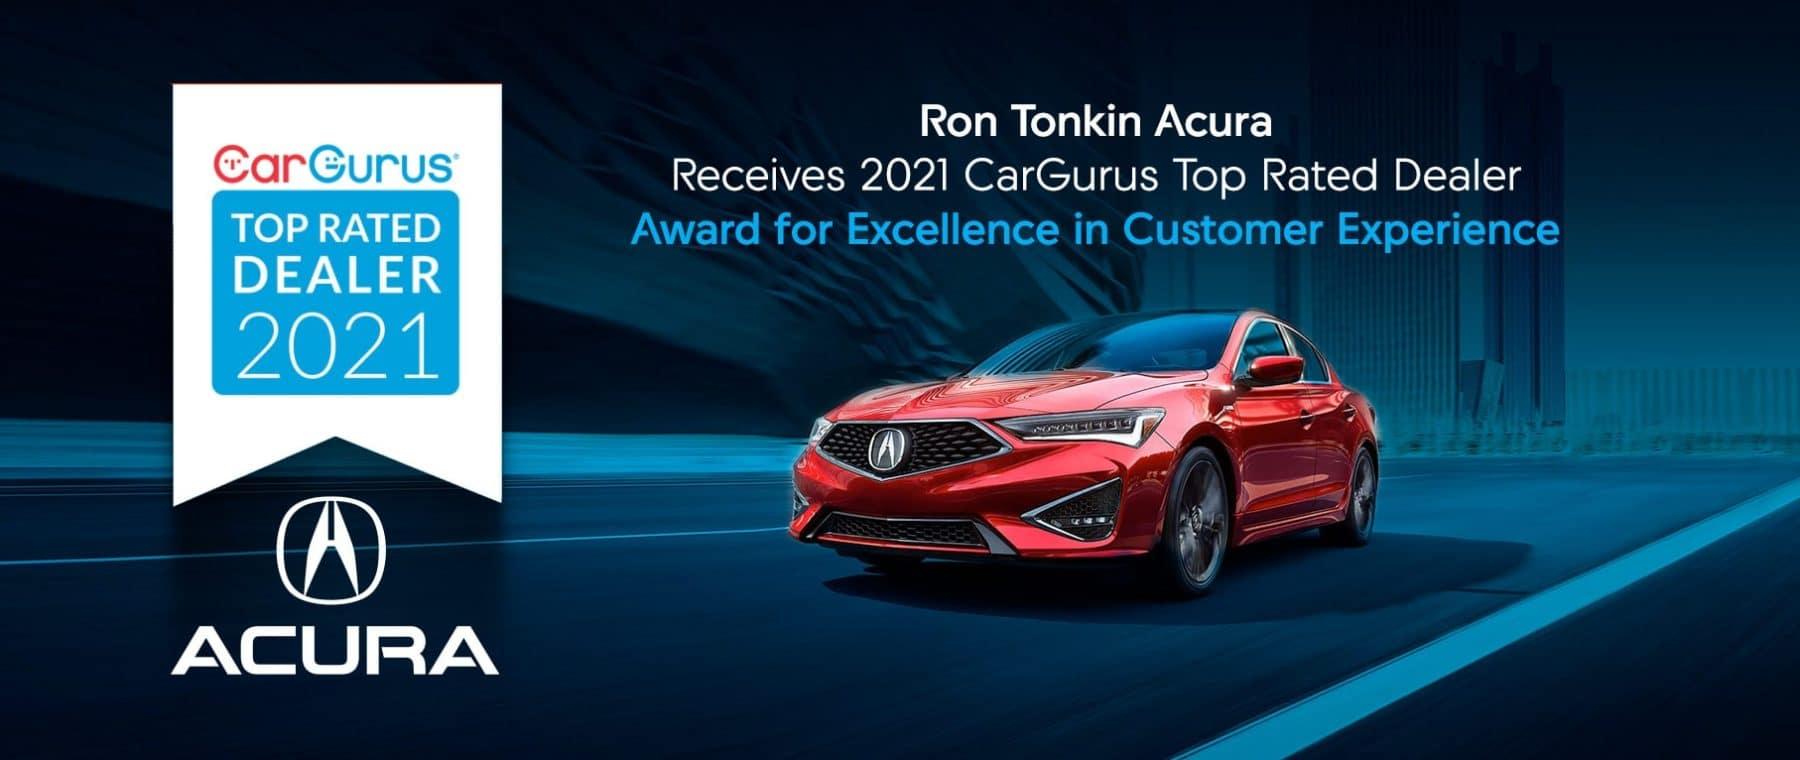 Ron Tonkin Acura Cargurus award